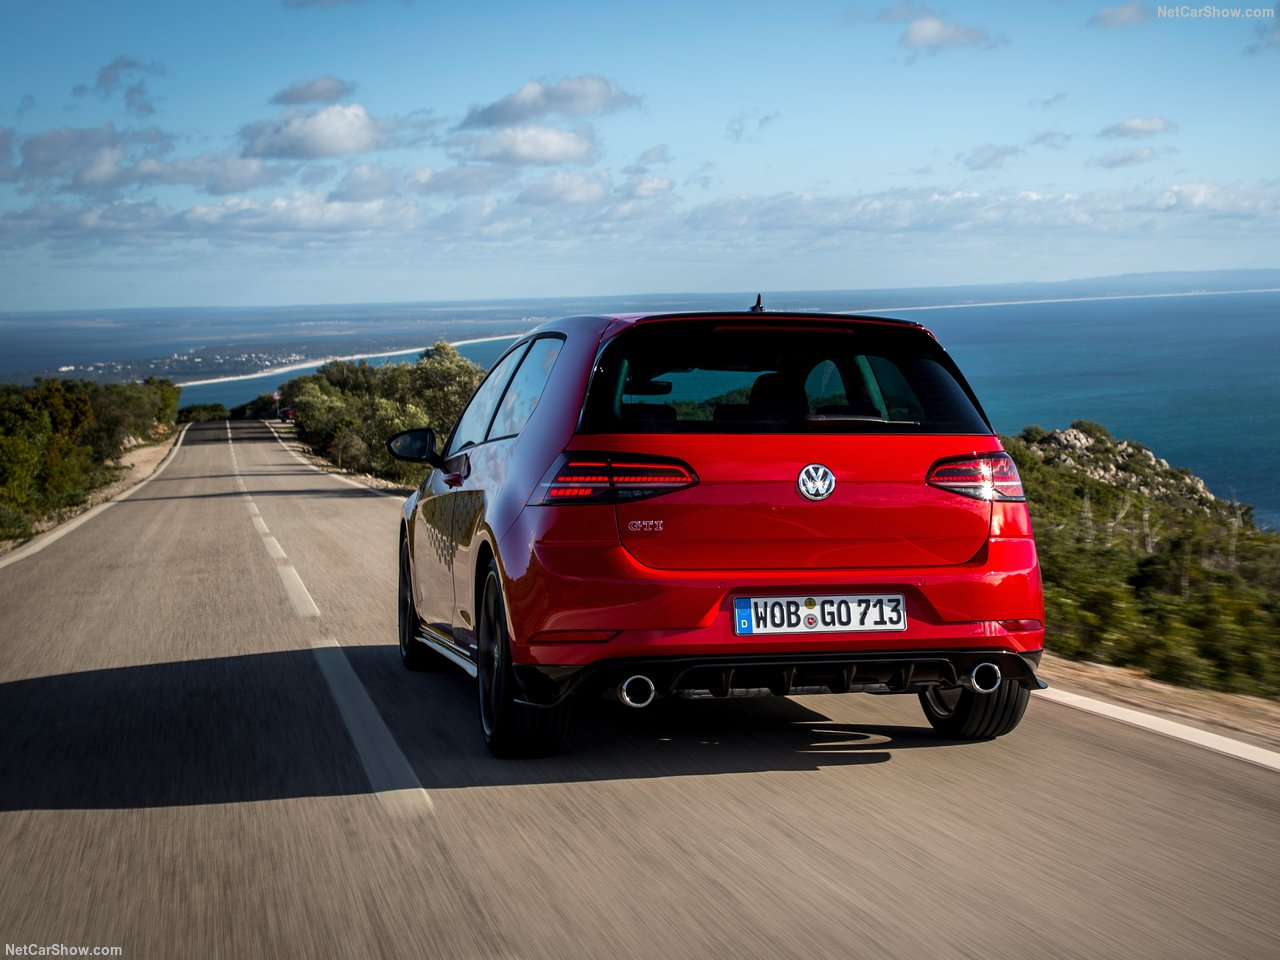 Volkswagen Golf GTI vermelho na estrada asfaltada e com céu azul ao fundo